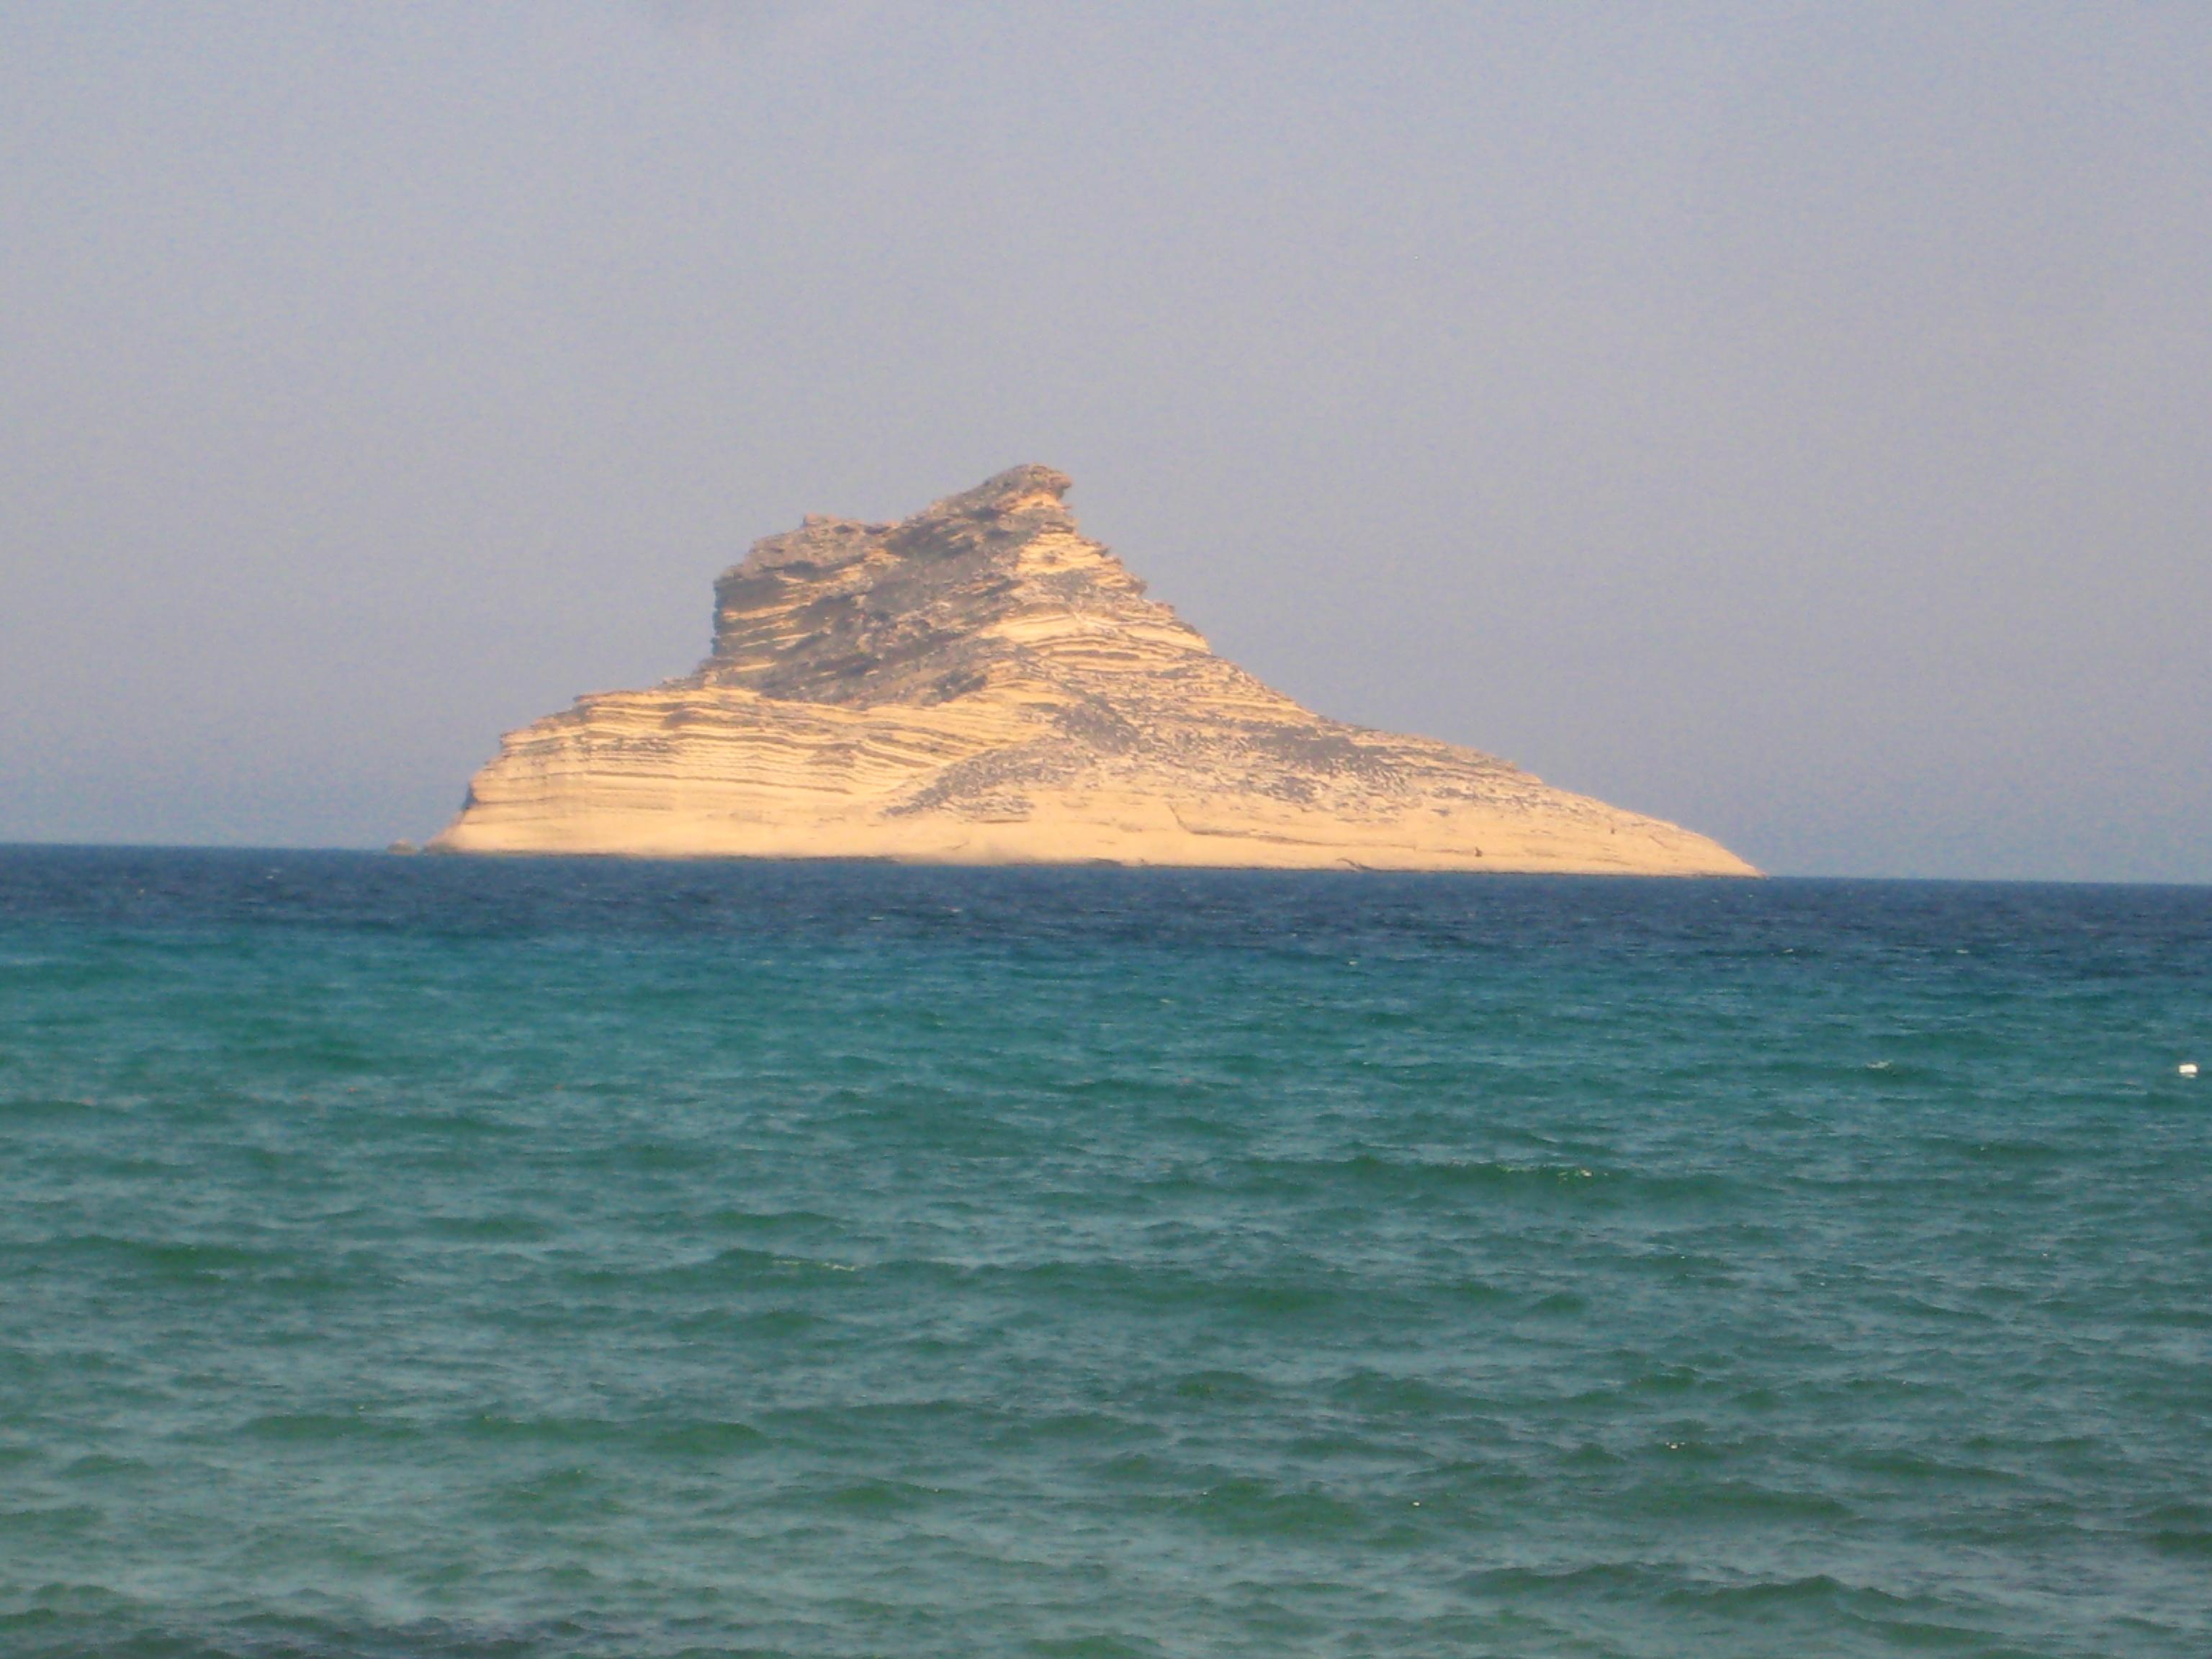 Un îlot tunisien si mystérieux